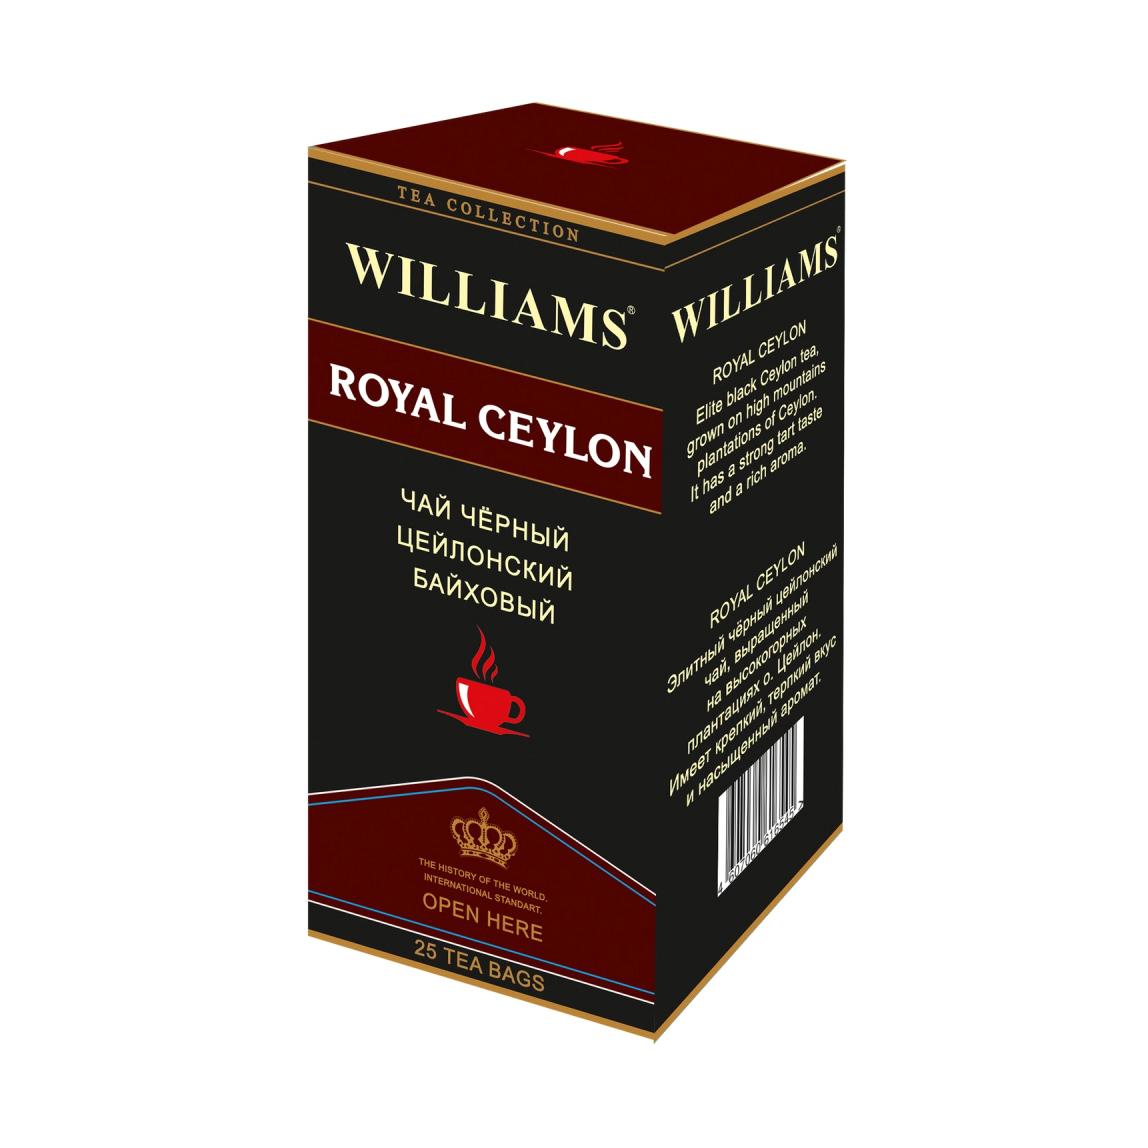 Чай Williams Royal Ceylon черный цейлонский байховый 25 пакетиков липтон чай черный royal ceylon 25 пакетиков lipton